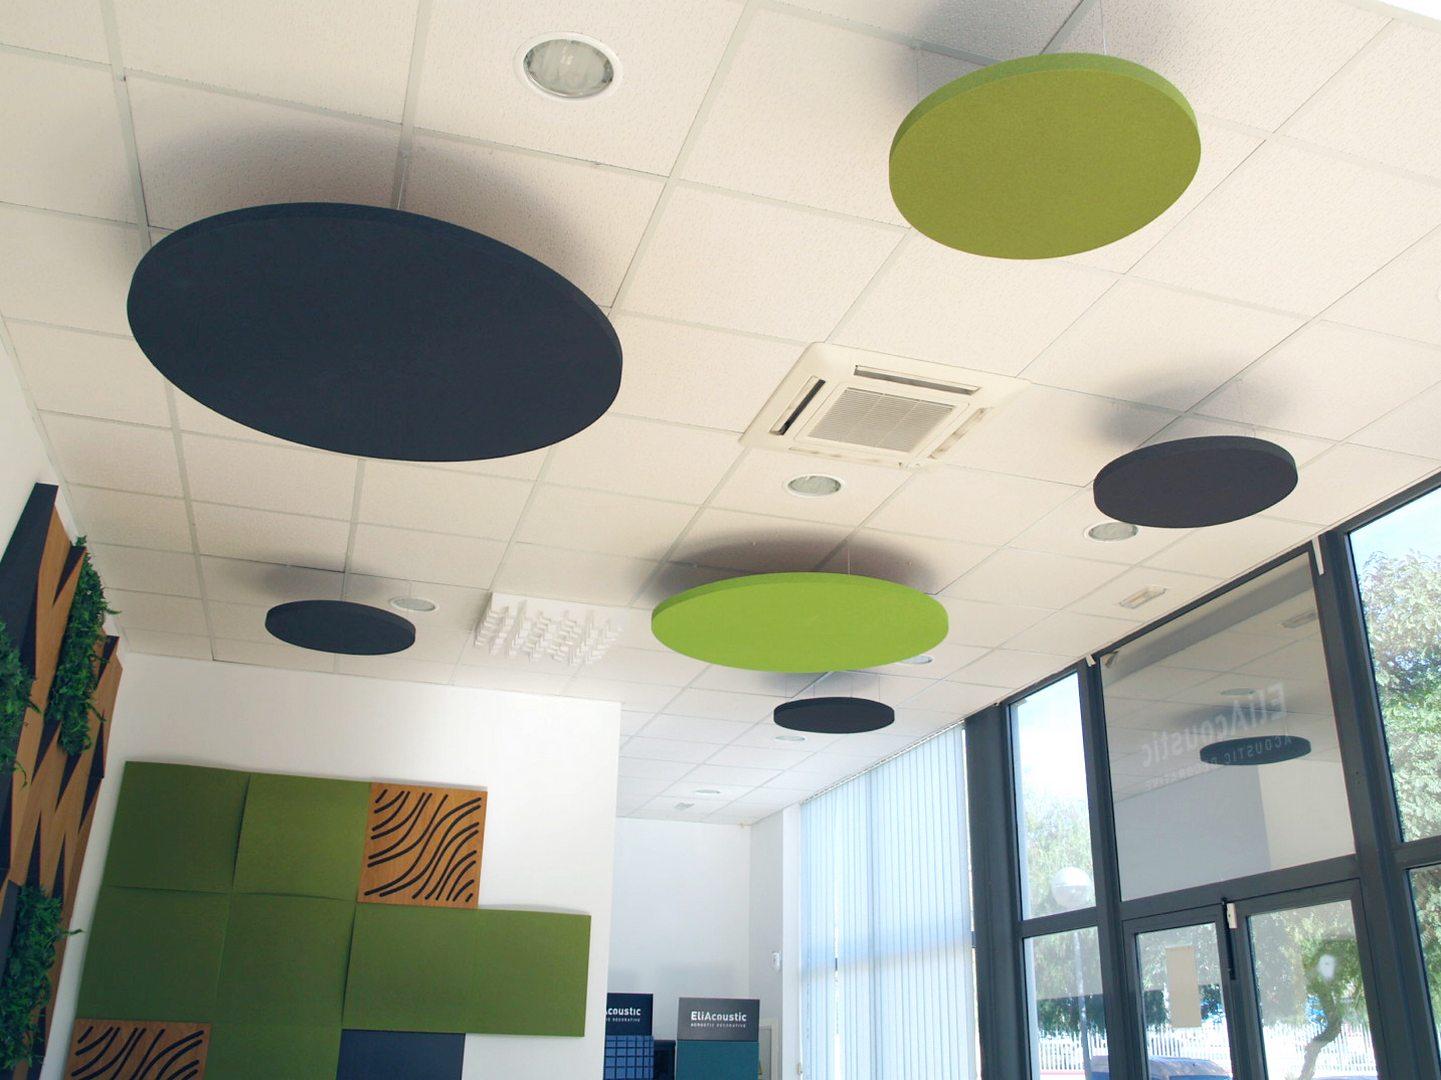 Circulos acusticos en techo